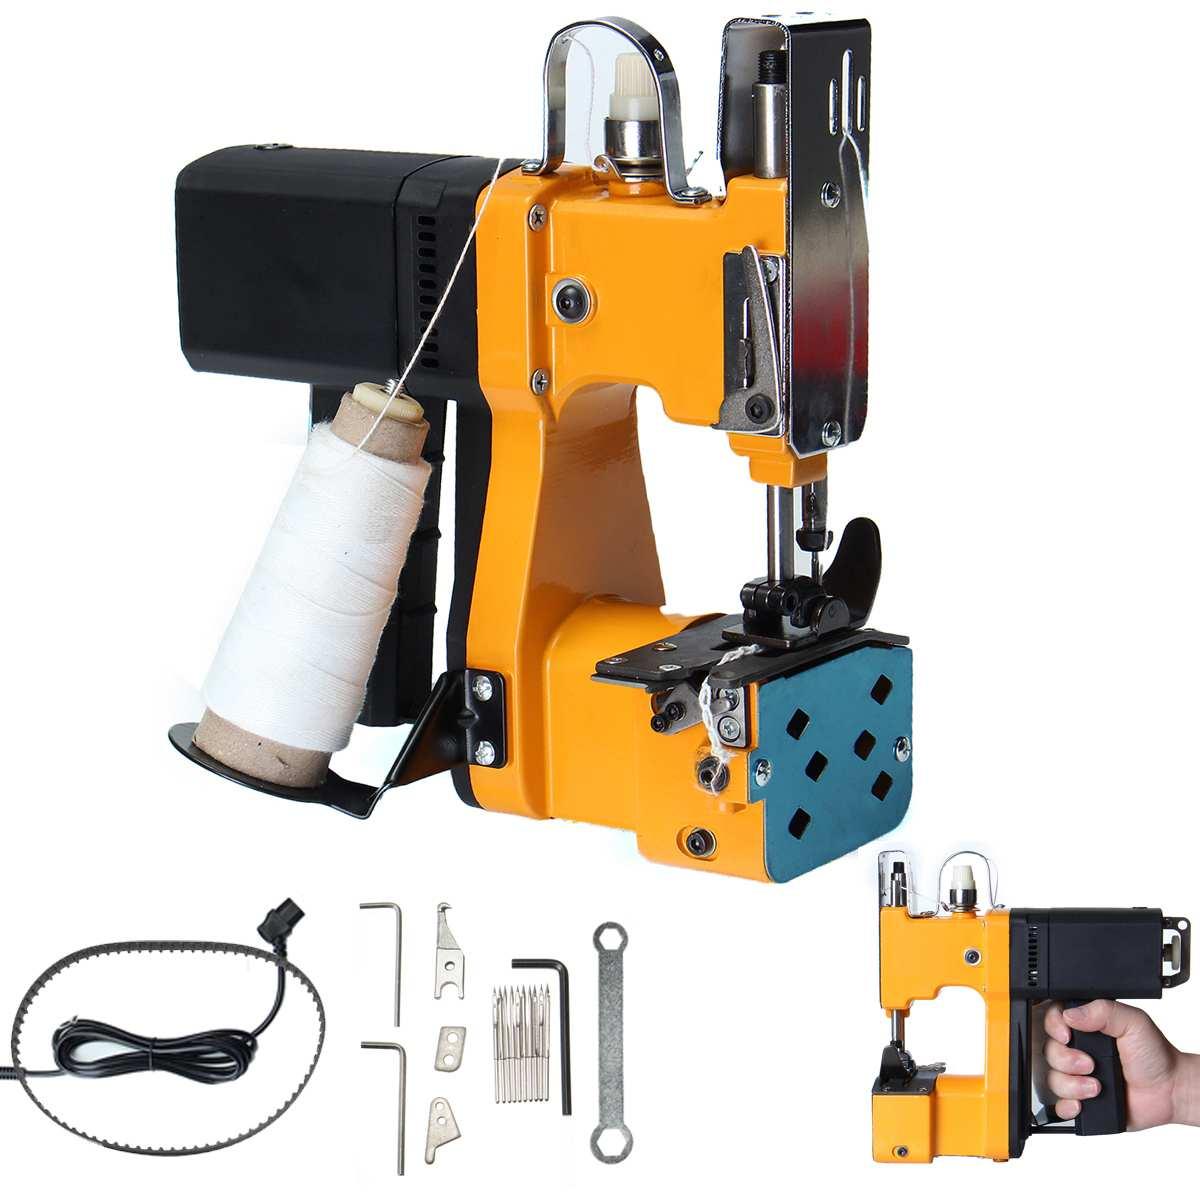 220 V мини электрические швейные машины комплект ручной сшиватель для мешка шить для запаковывания для промышленного текстиля для дома с вил